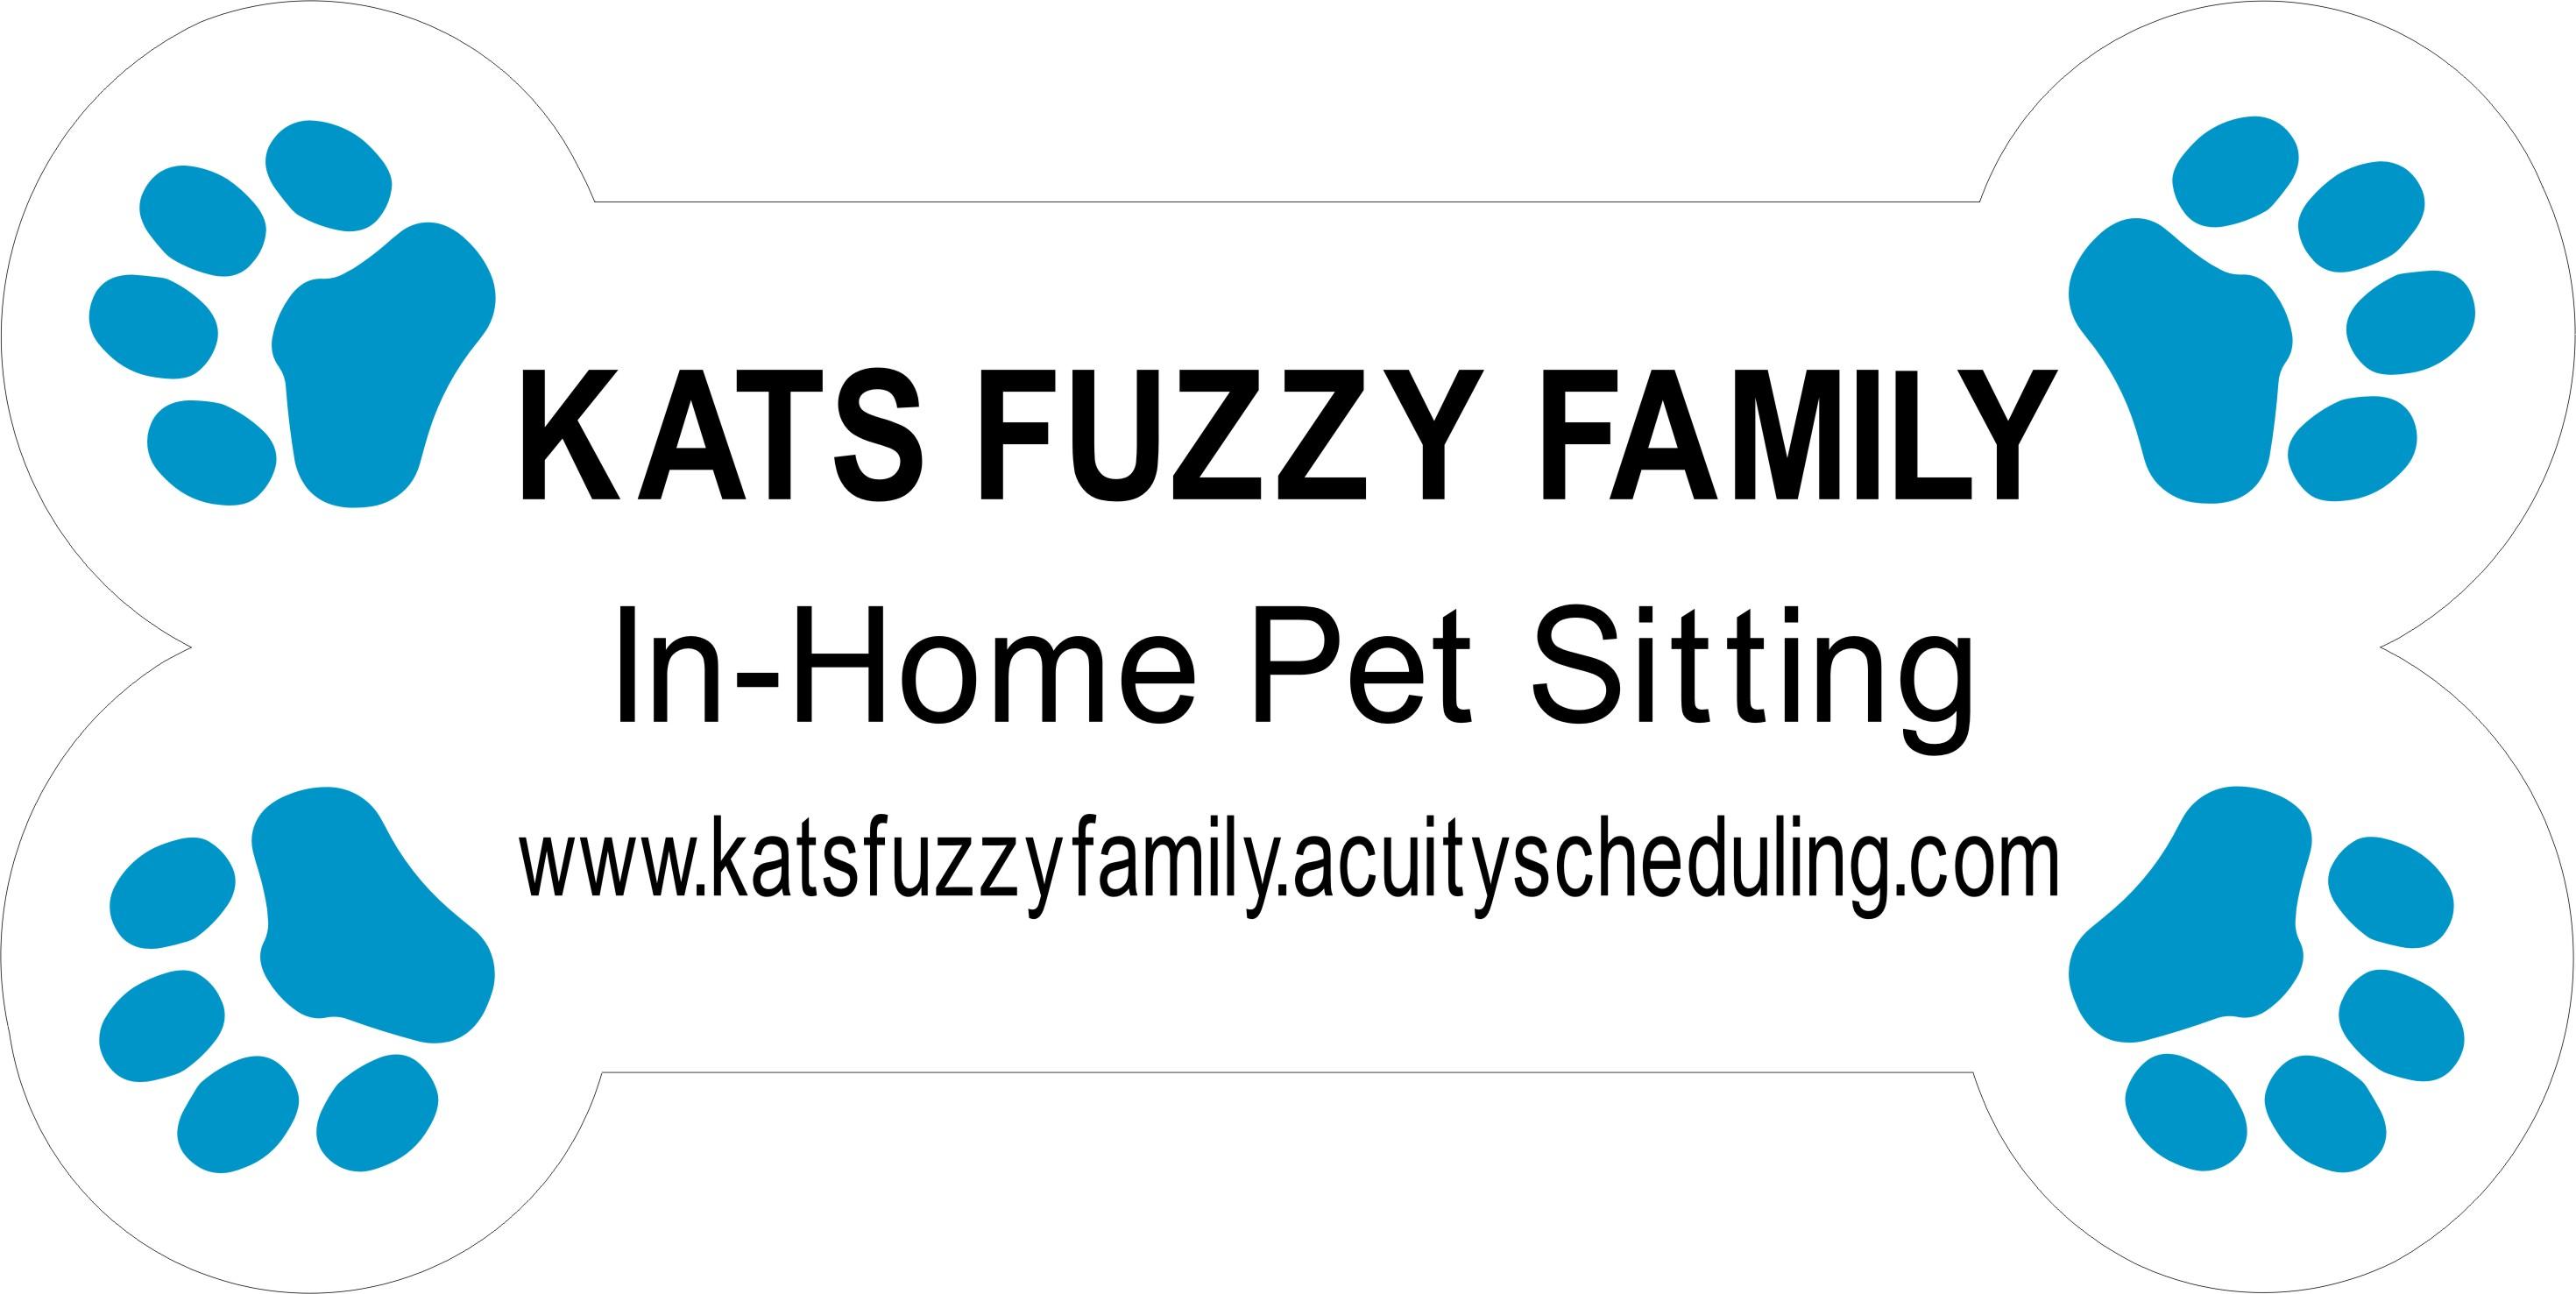 Kats-Fuzzy-Family.jpg